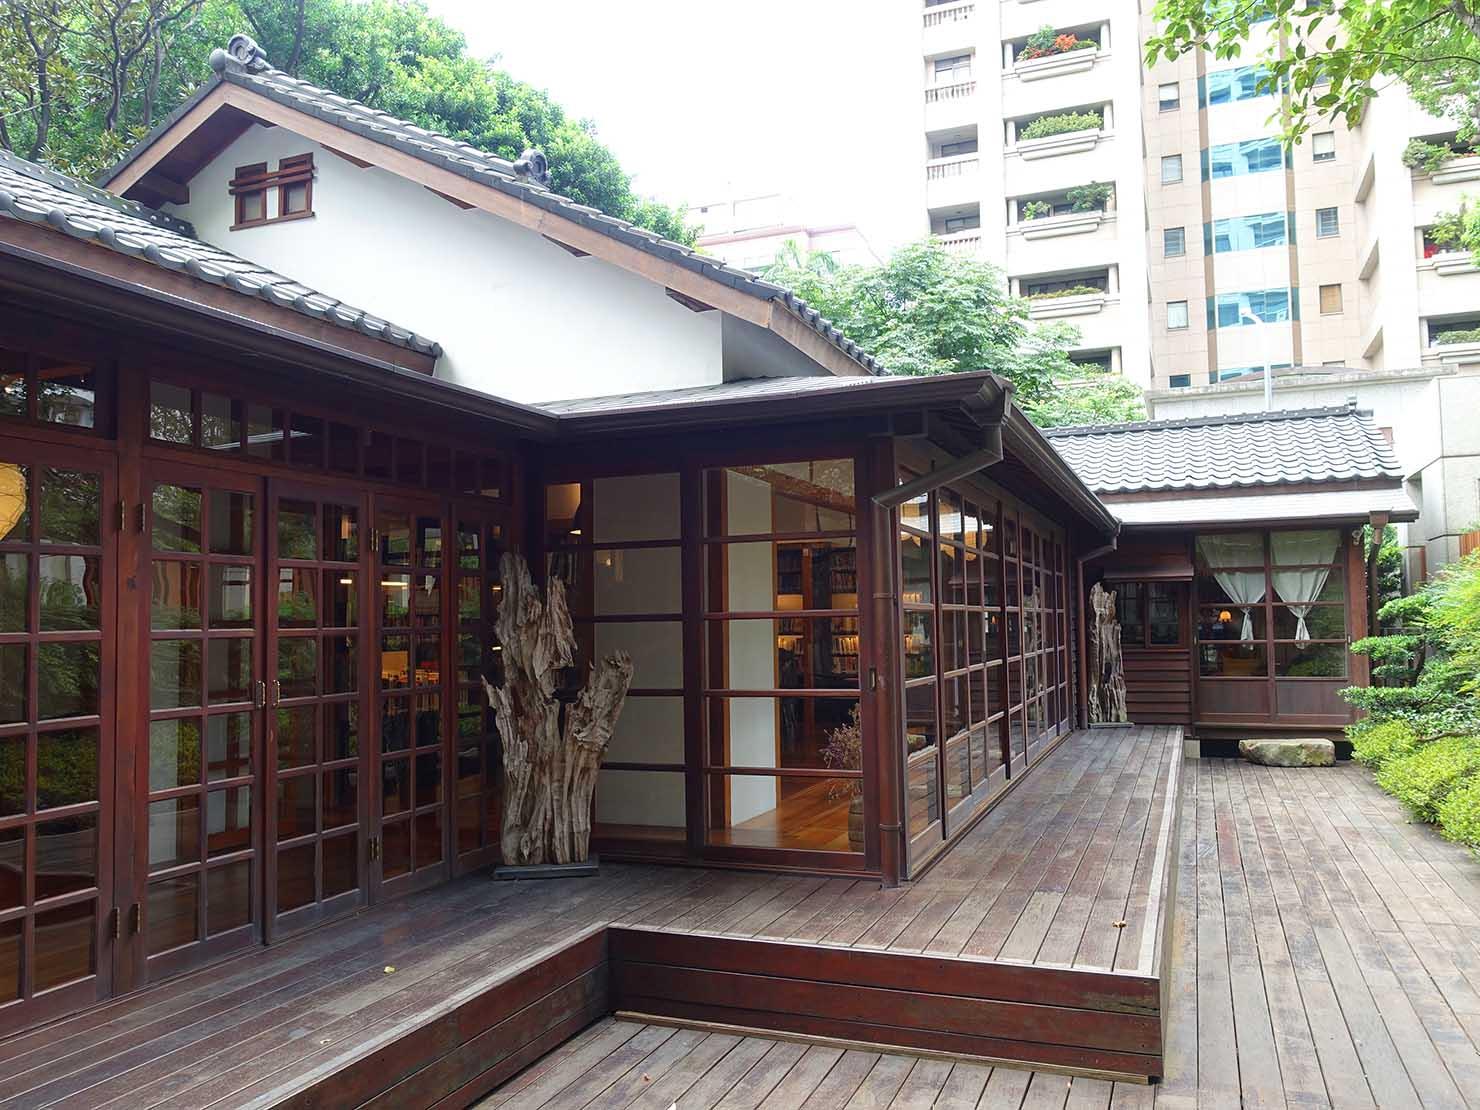 台北の街に佇む日本式古民家の図書館「文房 Chapter」の裏庭